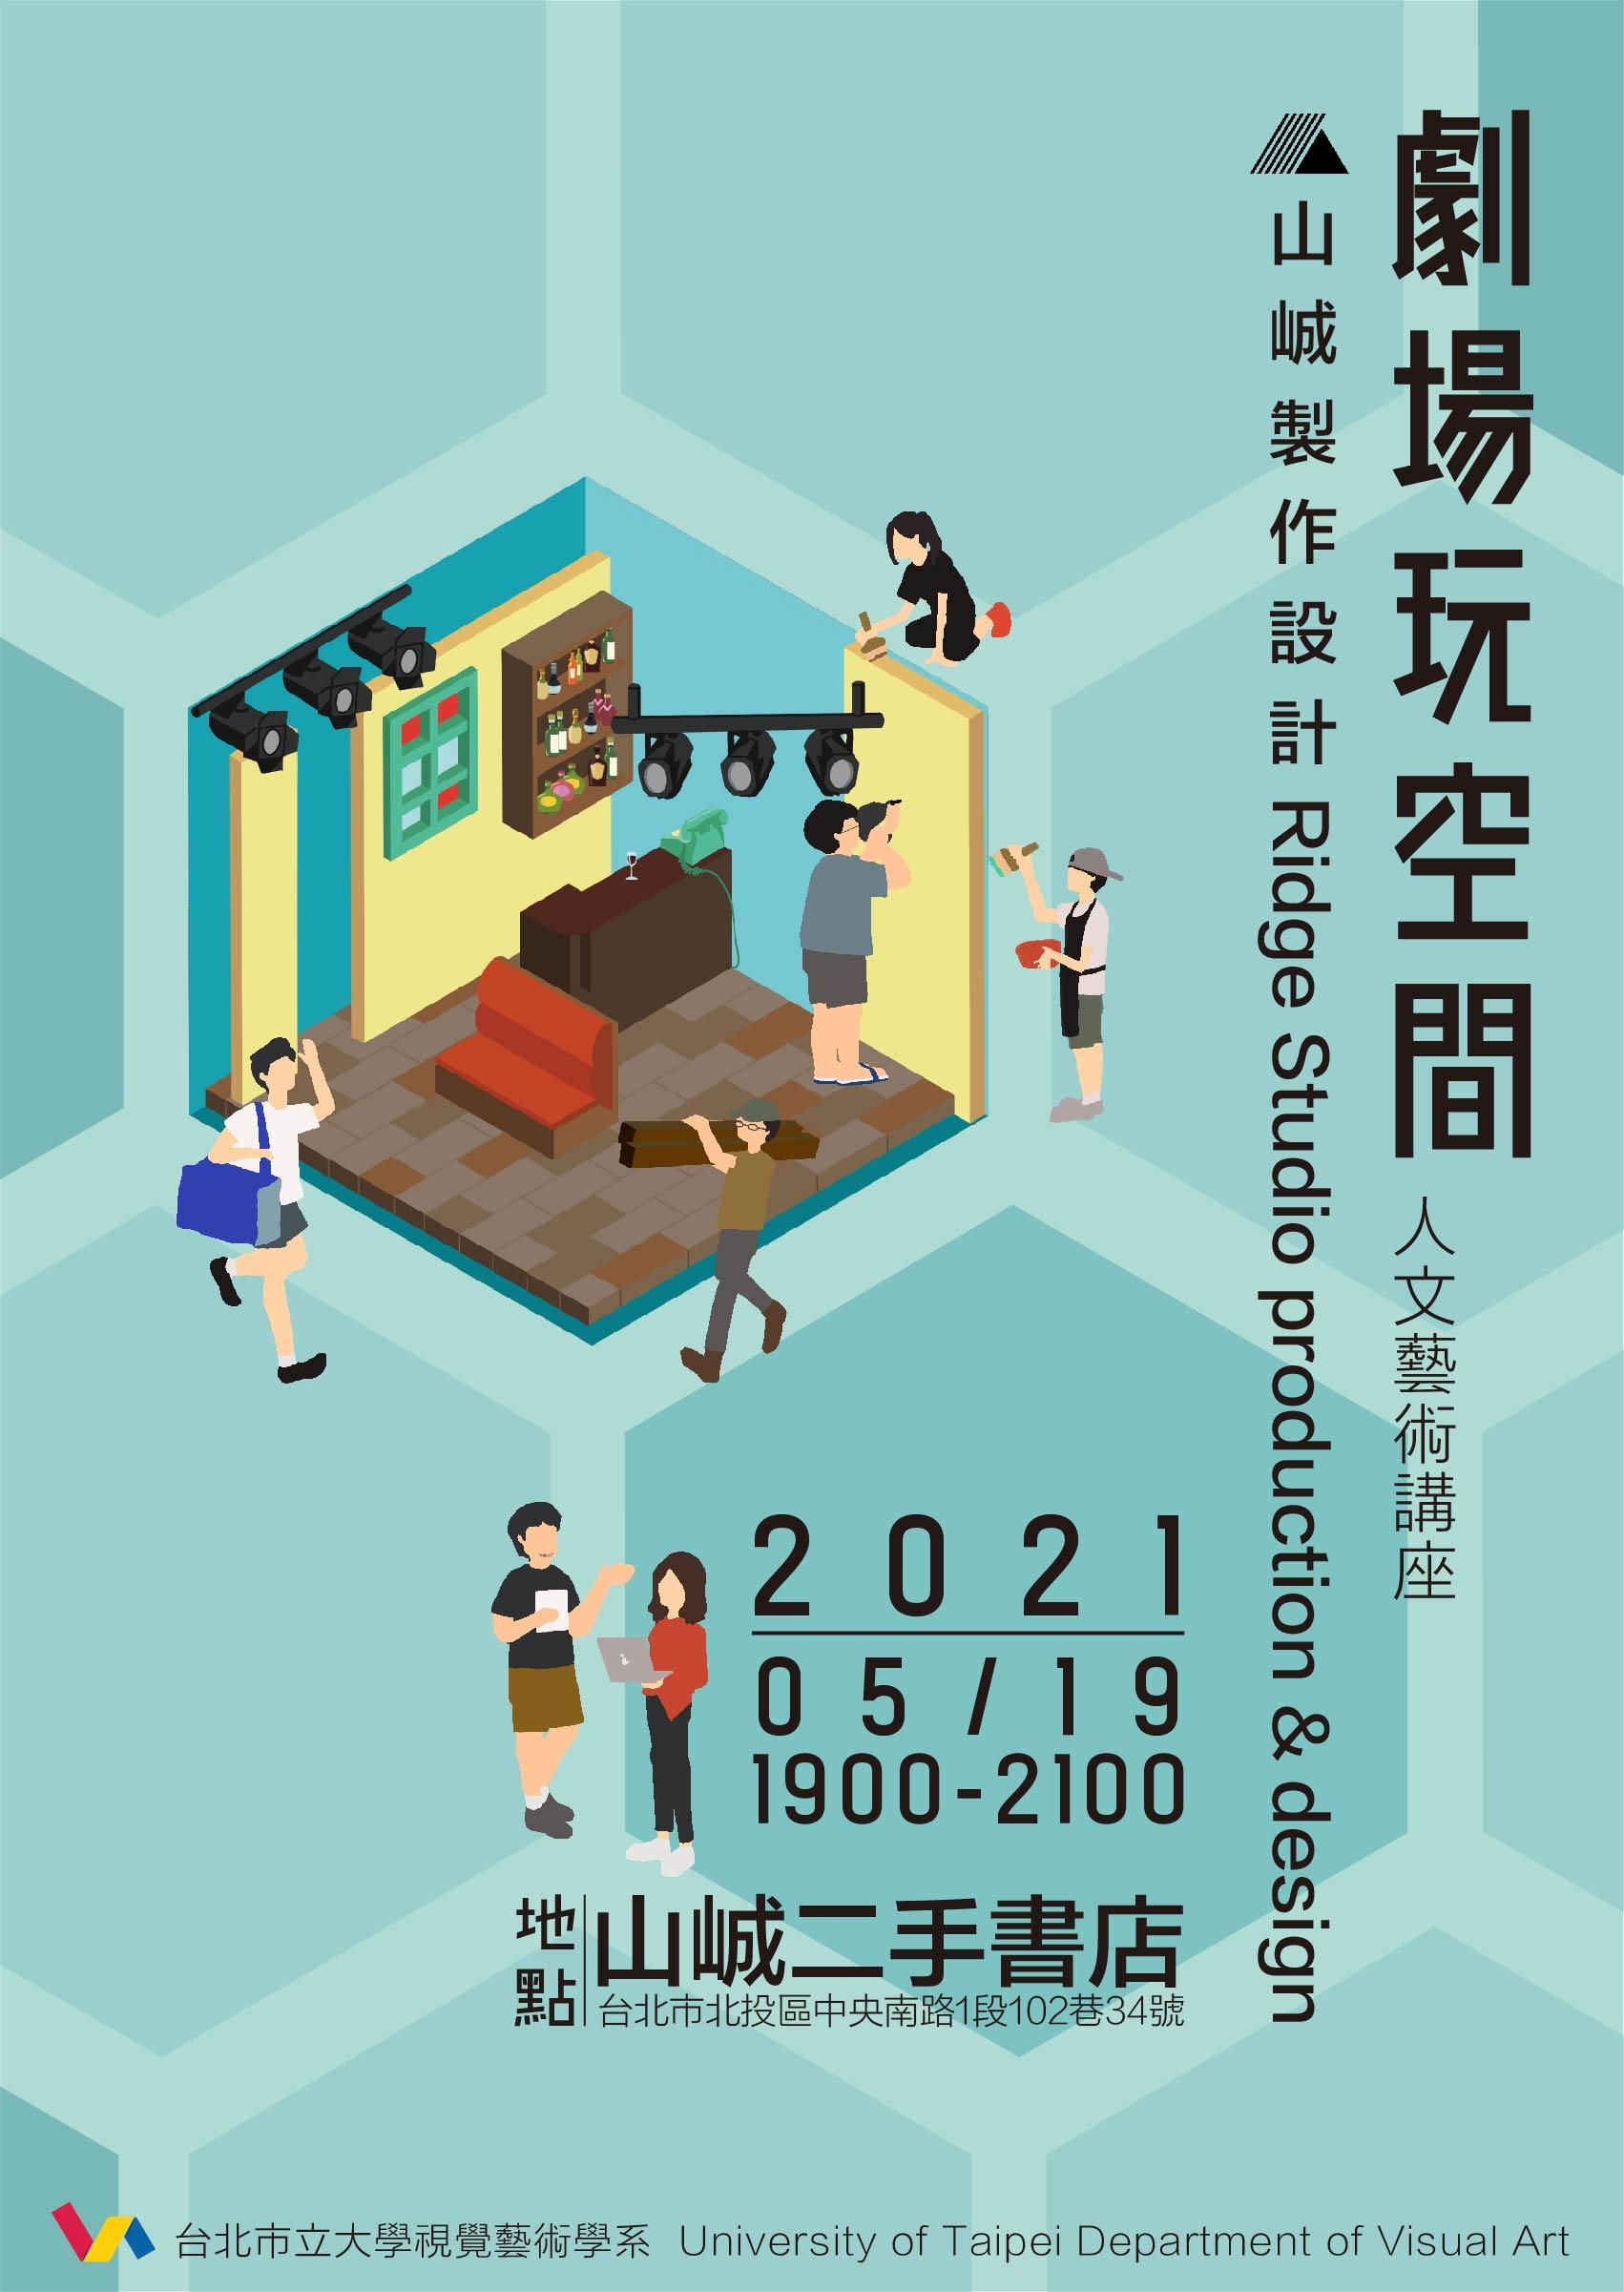 [講座]2021 5月份人文藝術講座_山峸製作